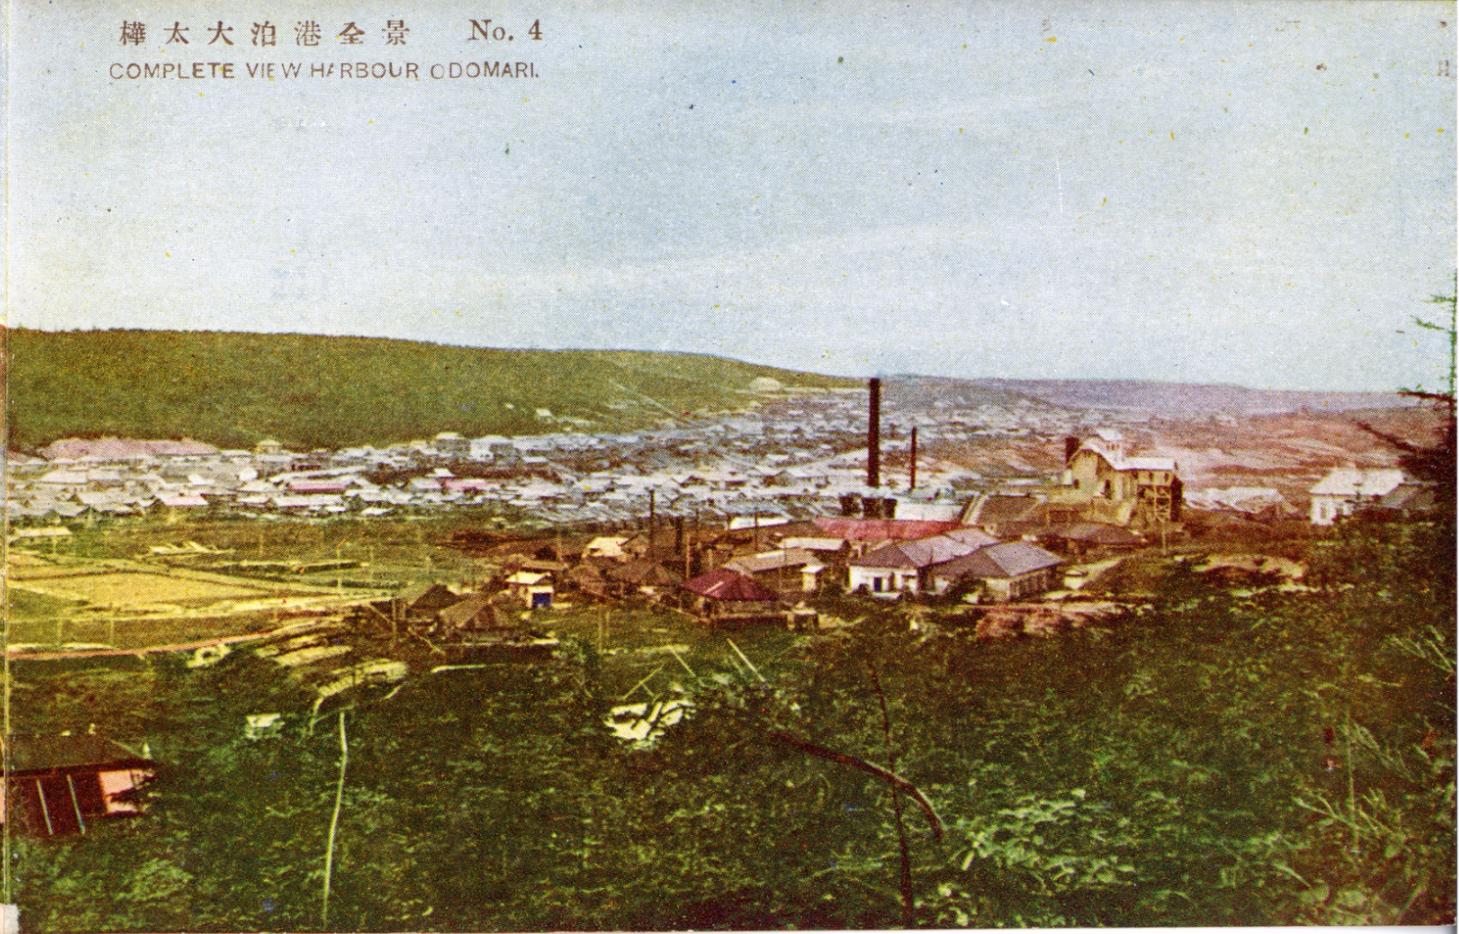 Панорама гавани г. Одомари. 4 из 4.